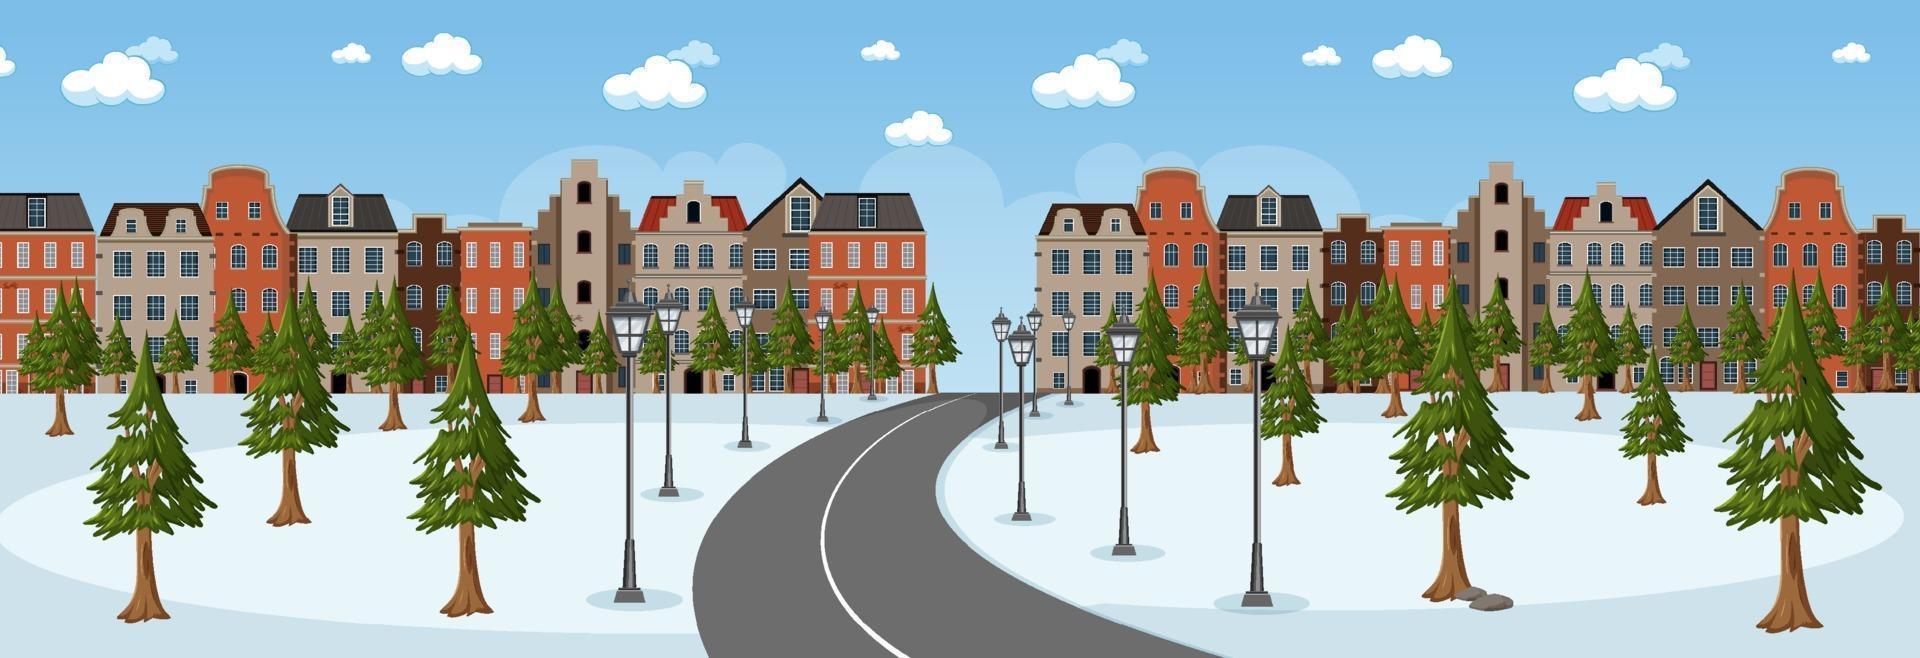 scena orizzontale durante il giorno con una lunga strada attraverso lo snow park in città vettore